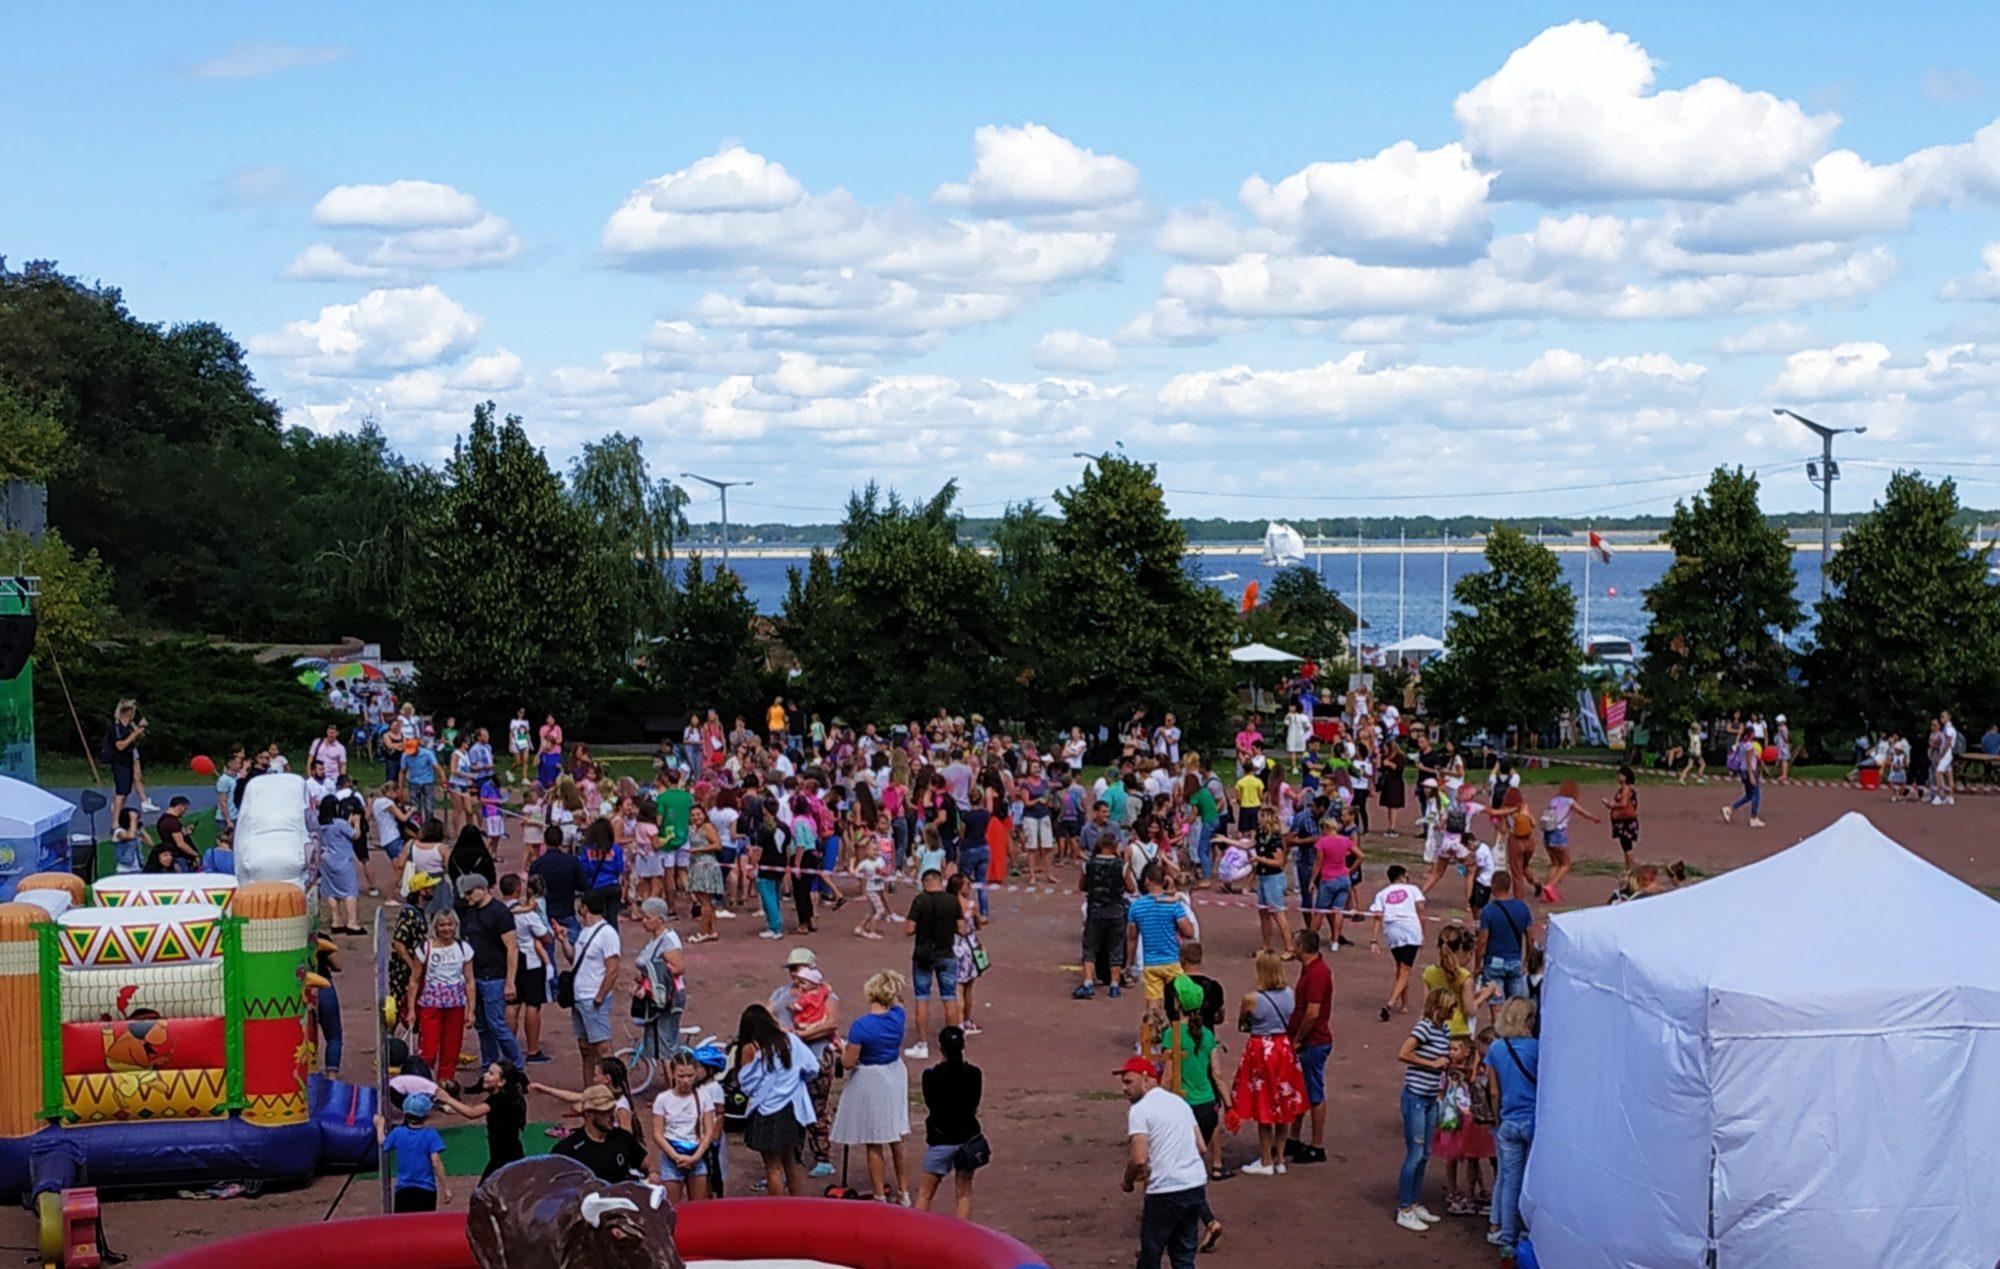 «Свято родинних традицій» у Вишгороді зібрало друзів і партнерів - Фестиваль, Вишгород - 0810 Rodynni galyavyna 2000x1269